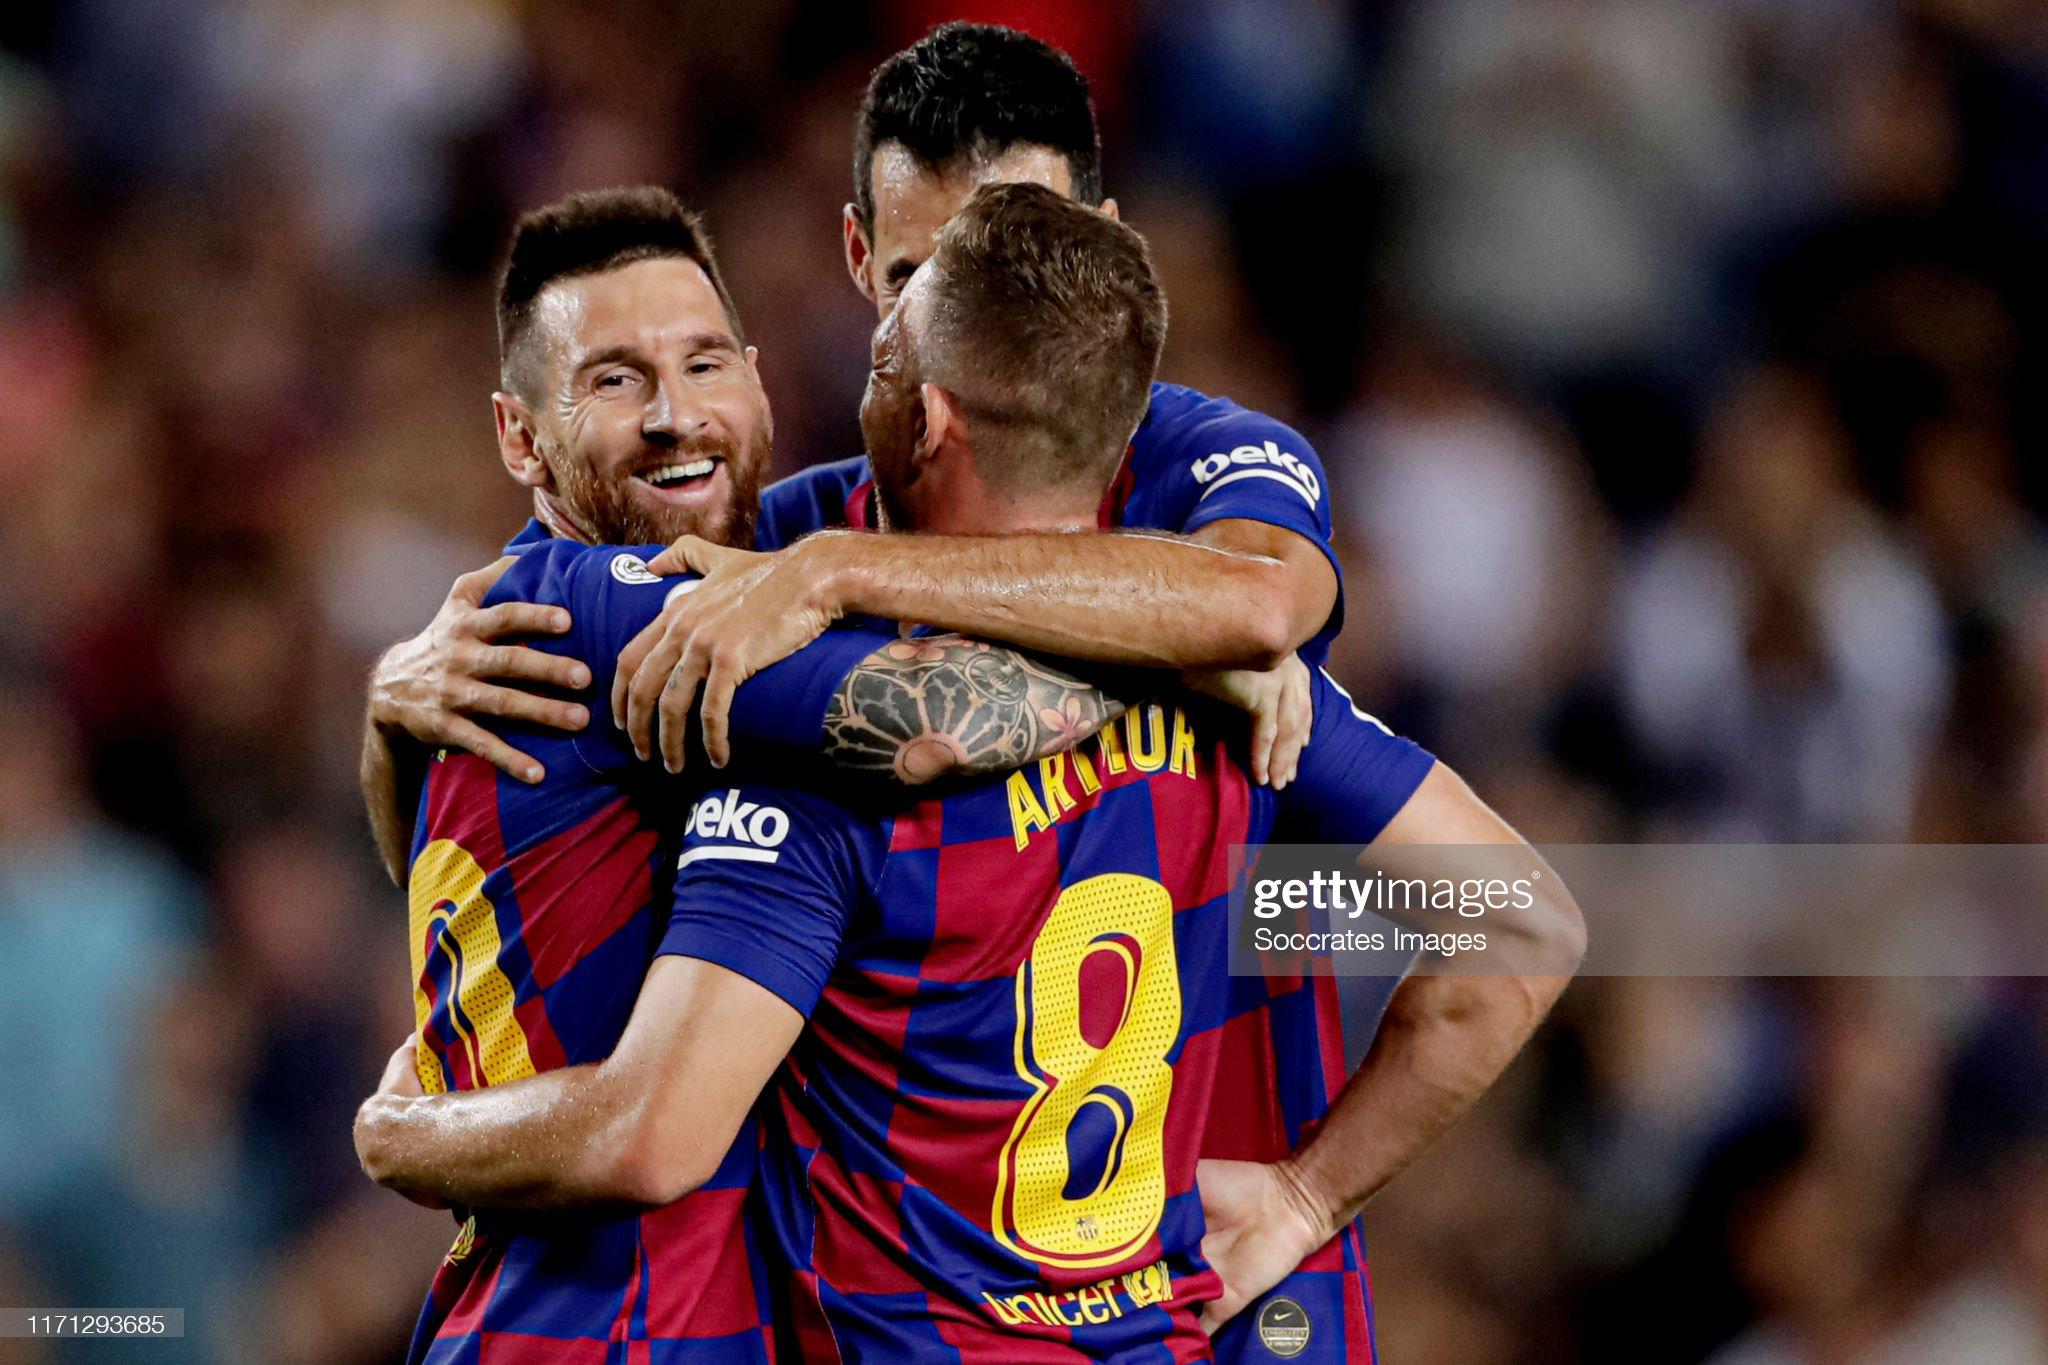 صور مباراة : برشلونة - فياريال 2-1 ( 24-09-2019 )  Arthur-of-fc-barcelona-celebrates-20-with-lionel-messi-of-fc-sergio-picture-id1171293685?s=2048x2048